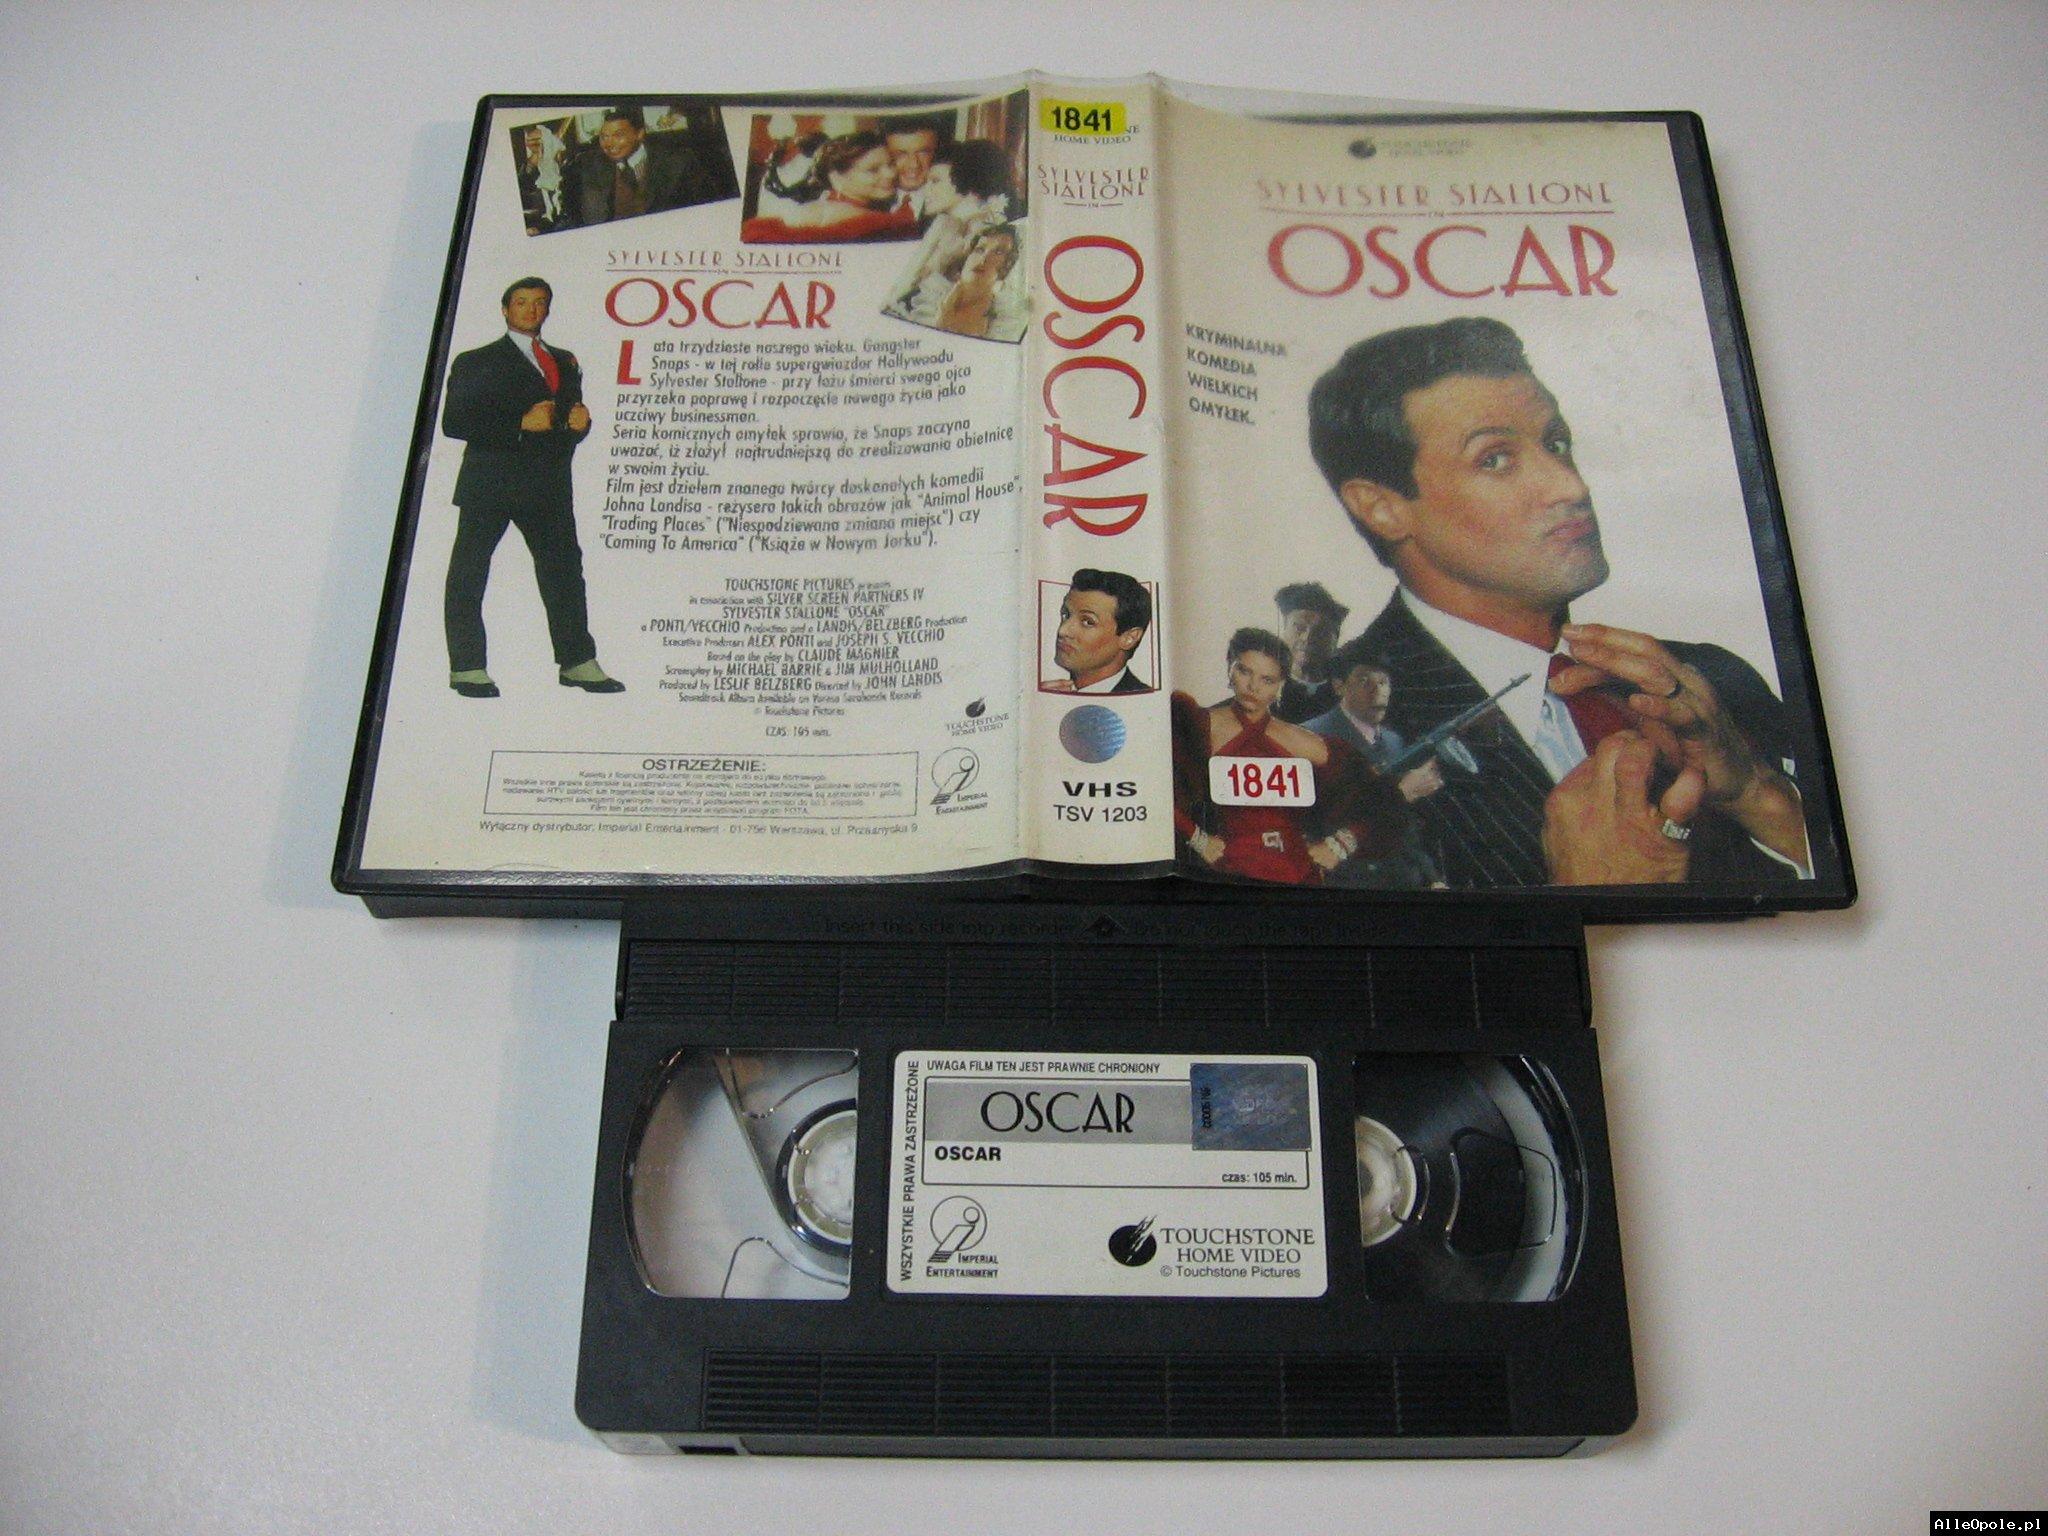 OSCAR - SYLVESTER STALLONE - VHS Kaseta Video - Opole 1753